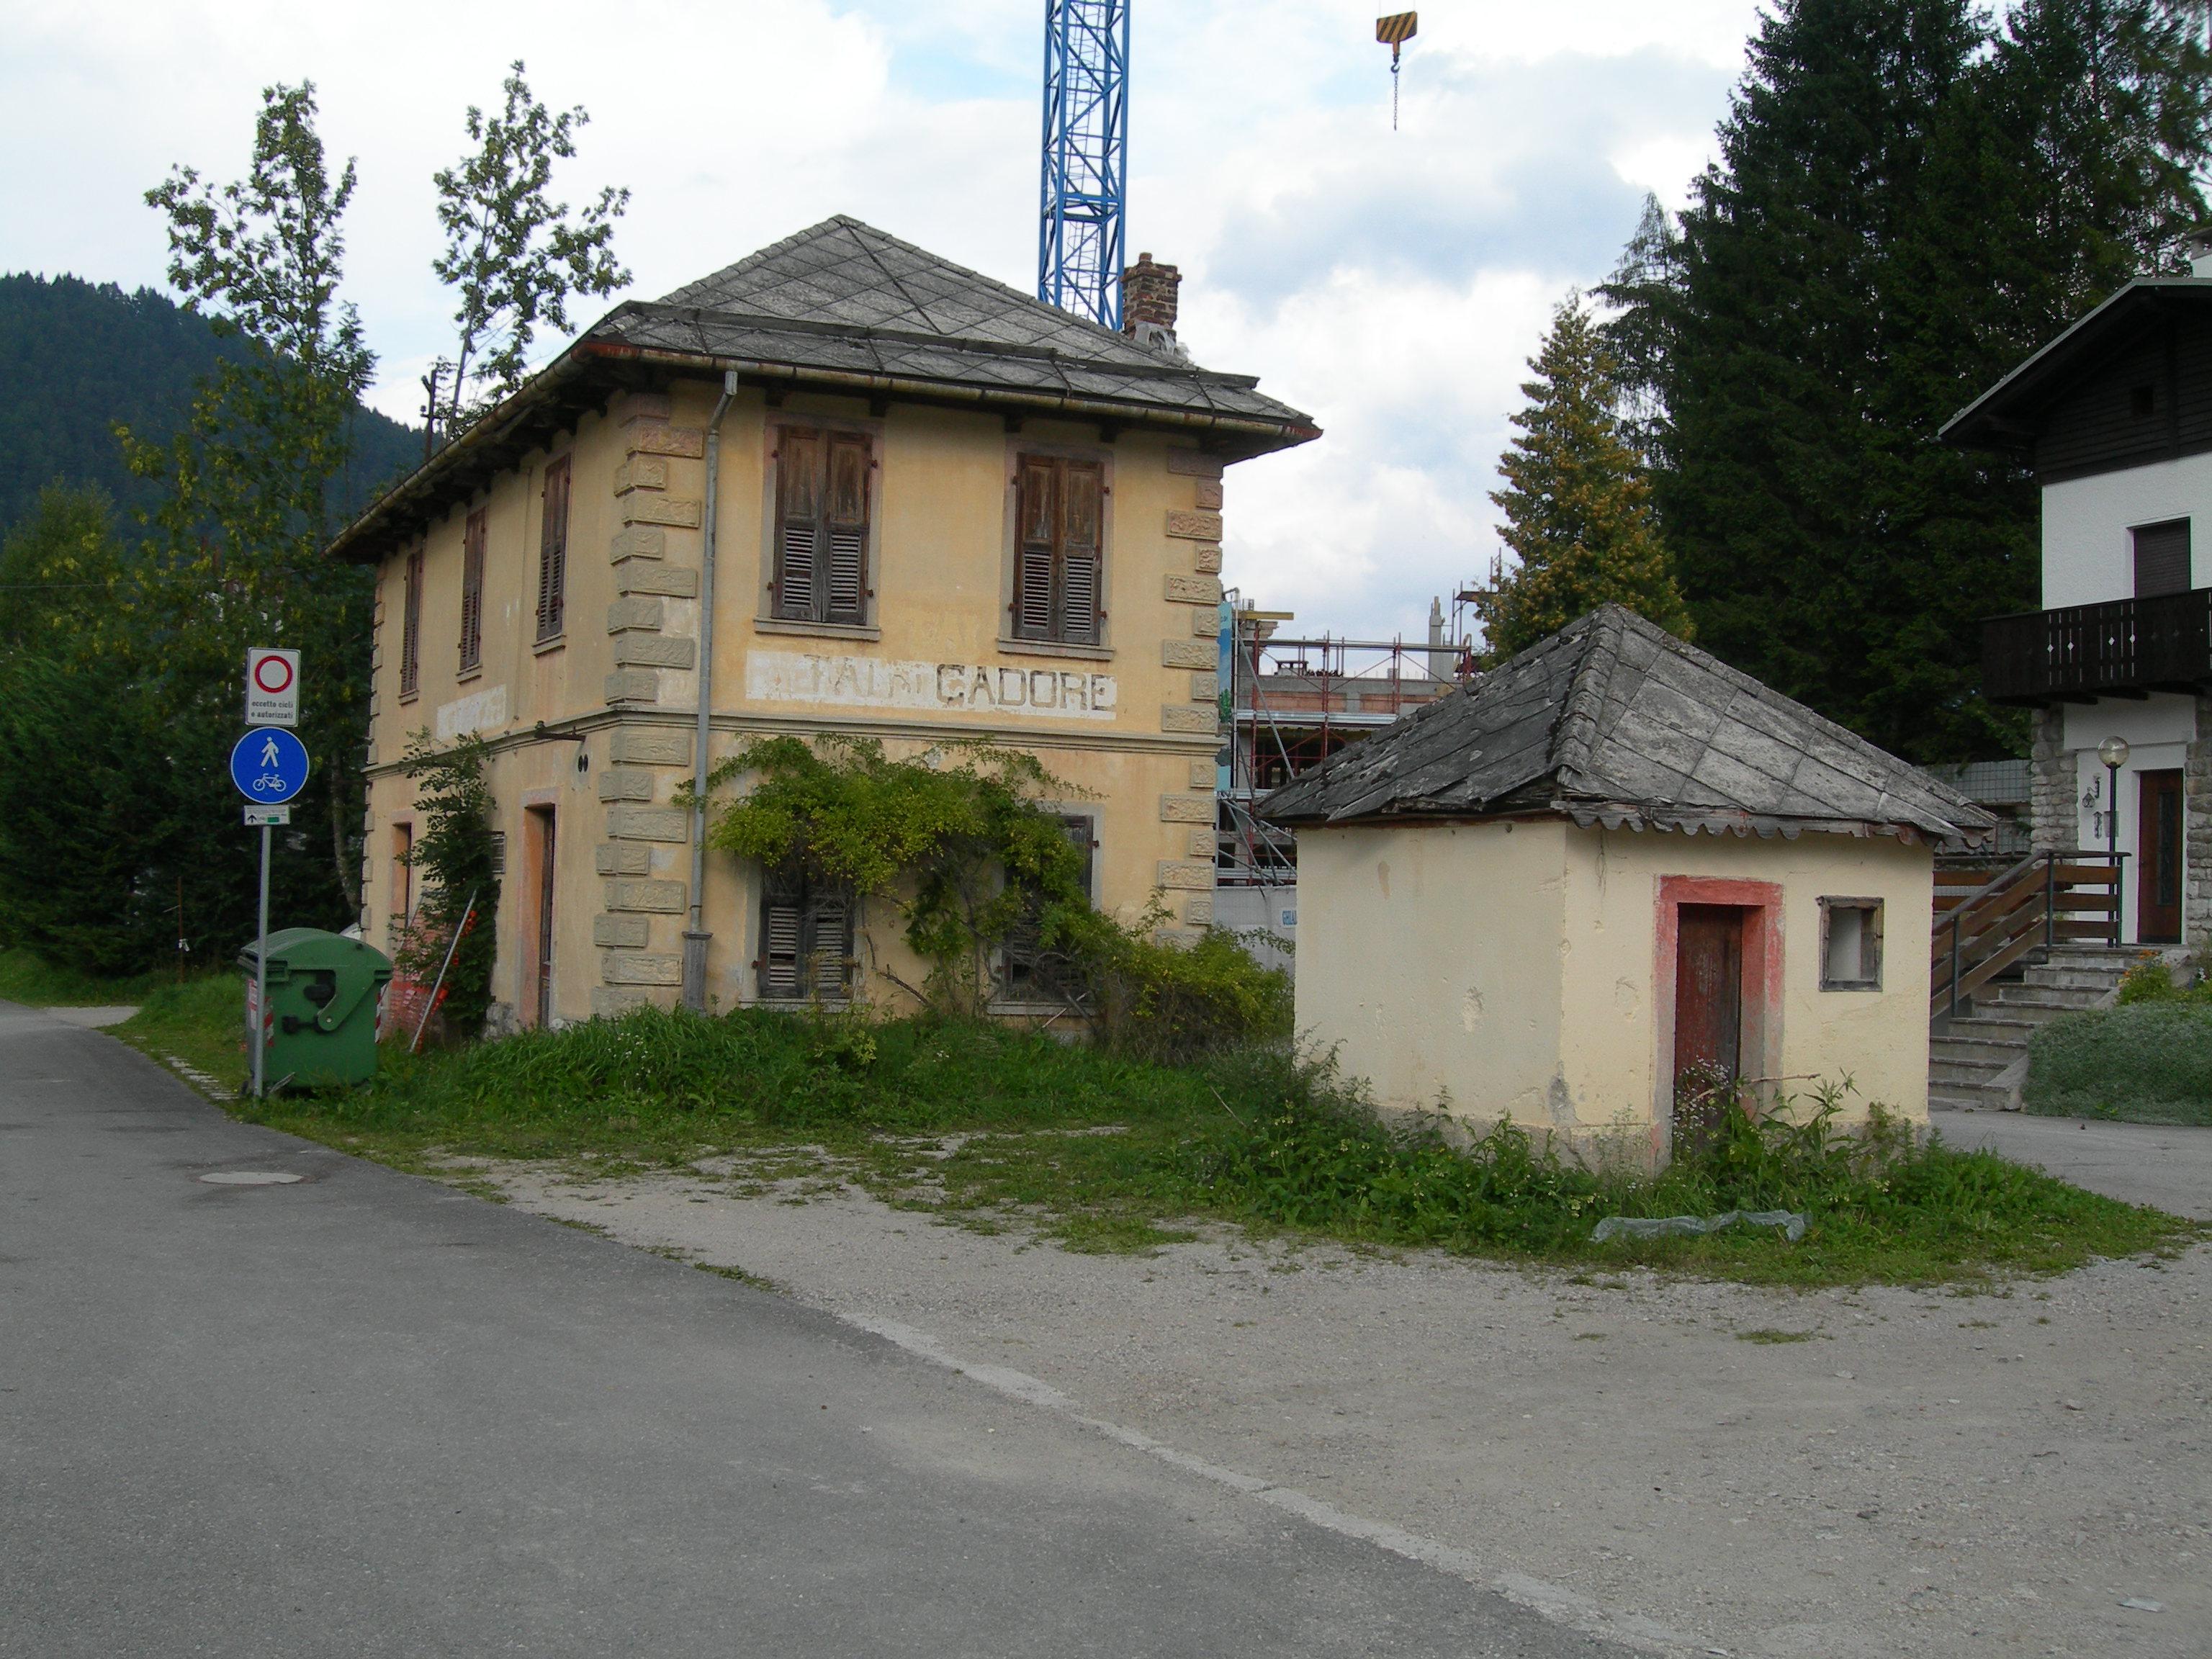 Pieve di Cadore Italy  city photos gallery : Stazione di Tai Pieve di Cadore Italy Wikipedia